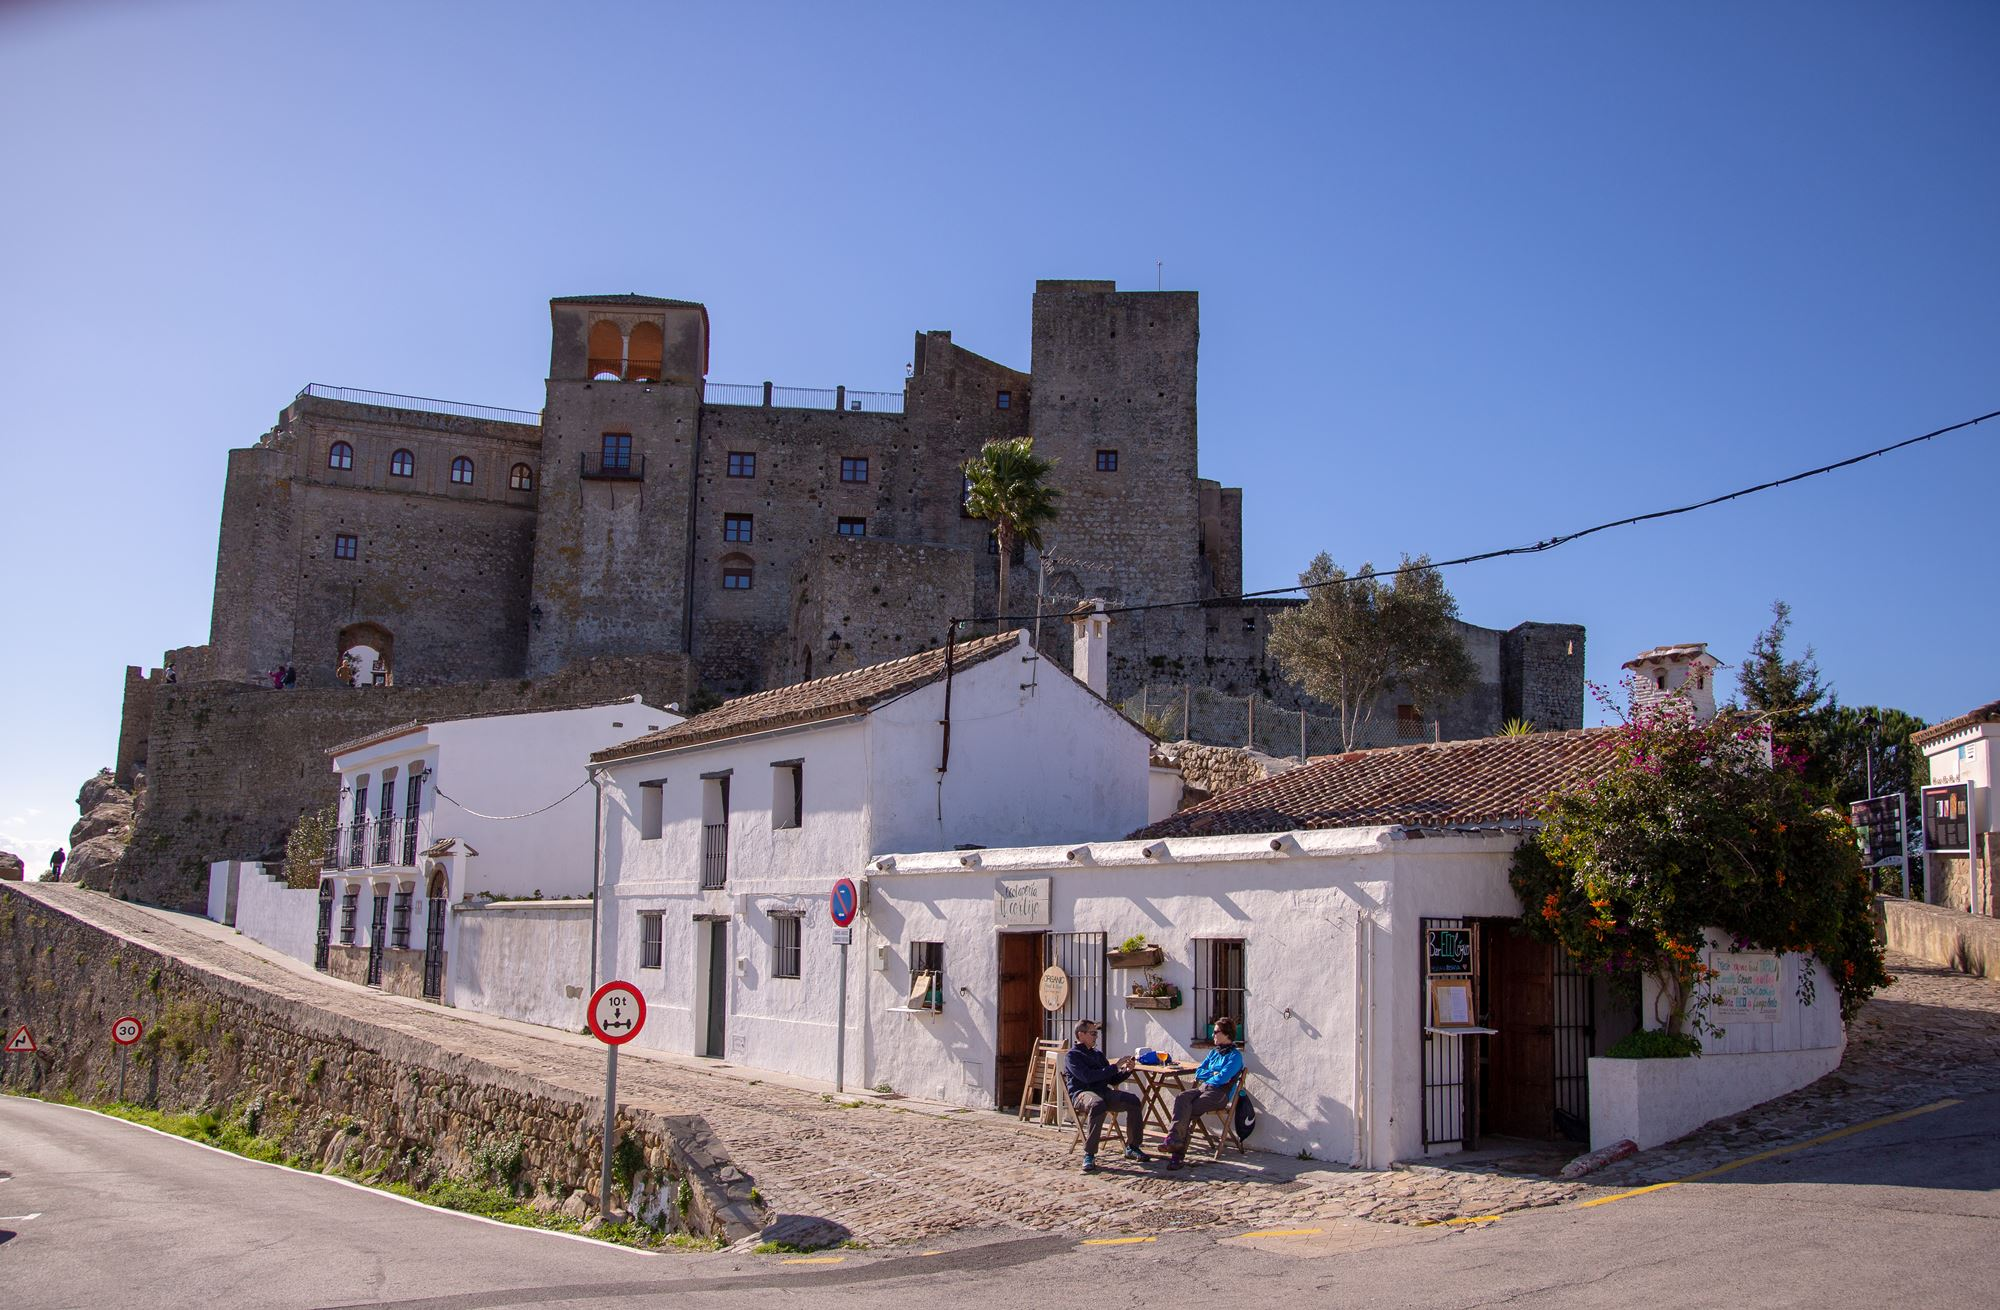 Los residentes siguen su vida cotidiana en las inmediaciones del castillo.